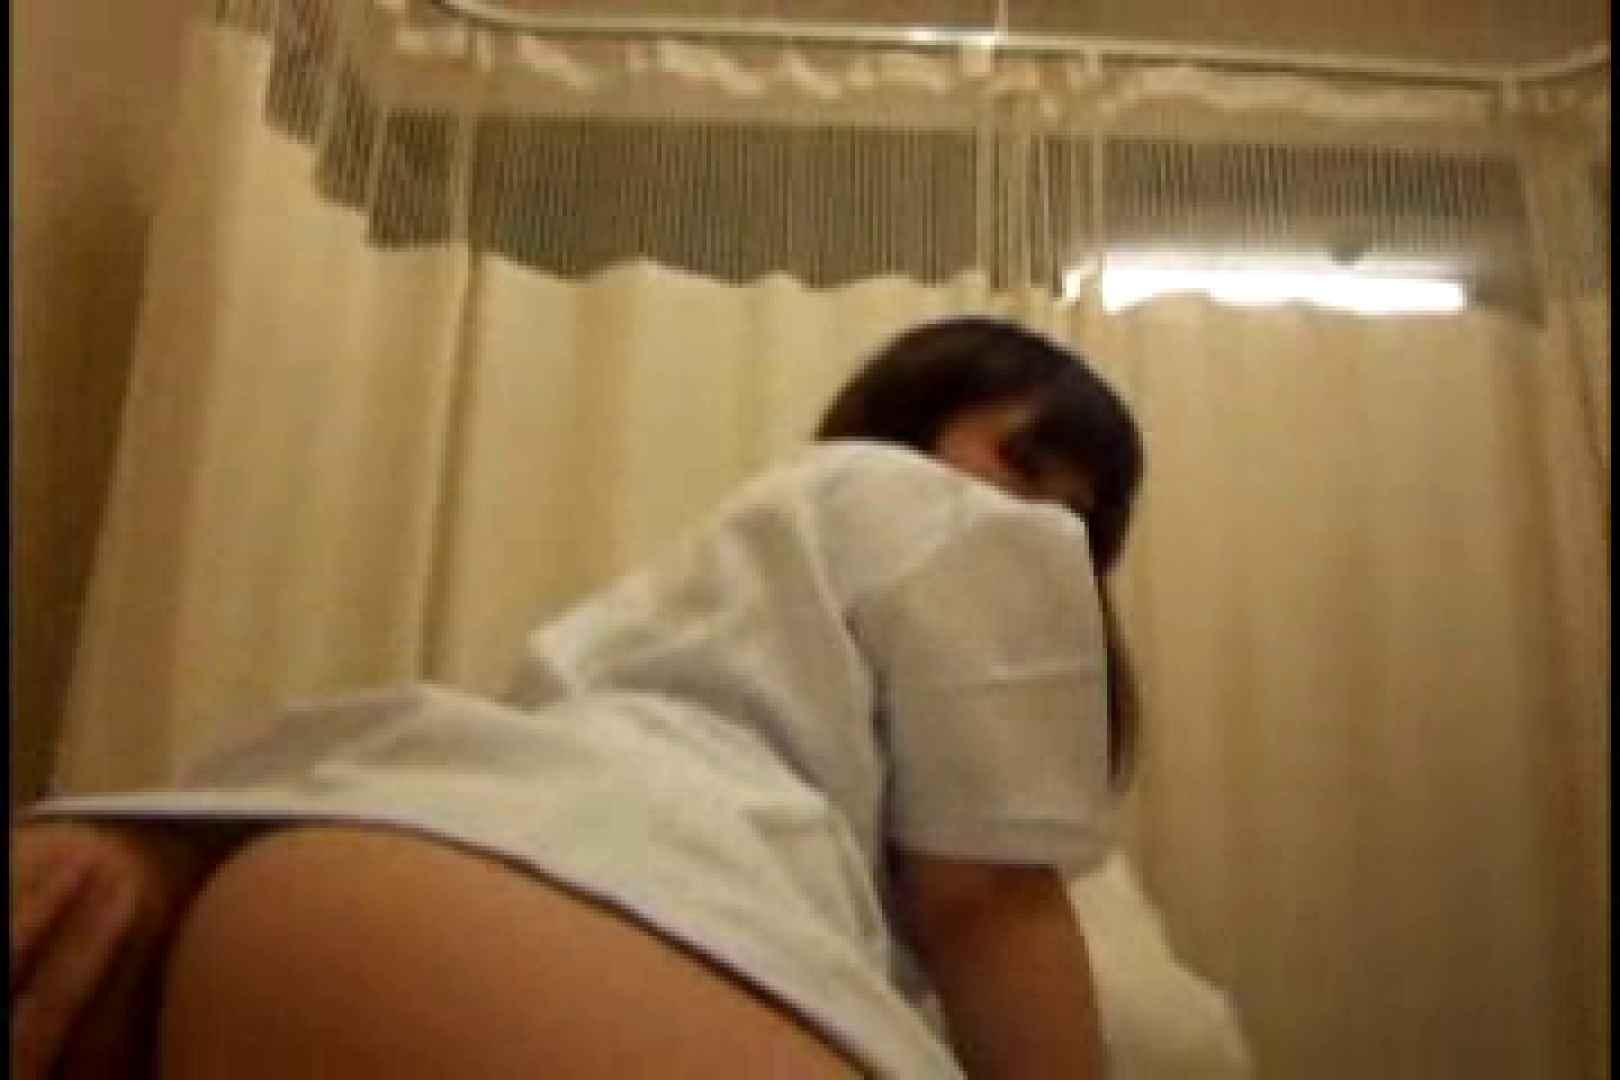 ヤリマンと呼ばれた看護士さんvol2 フェラ | シックスナイン  59連発 55